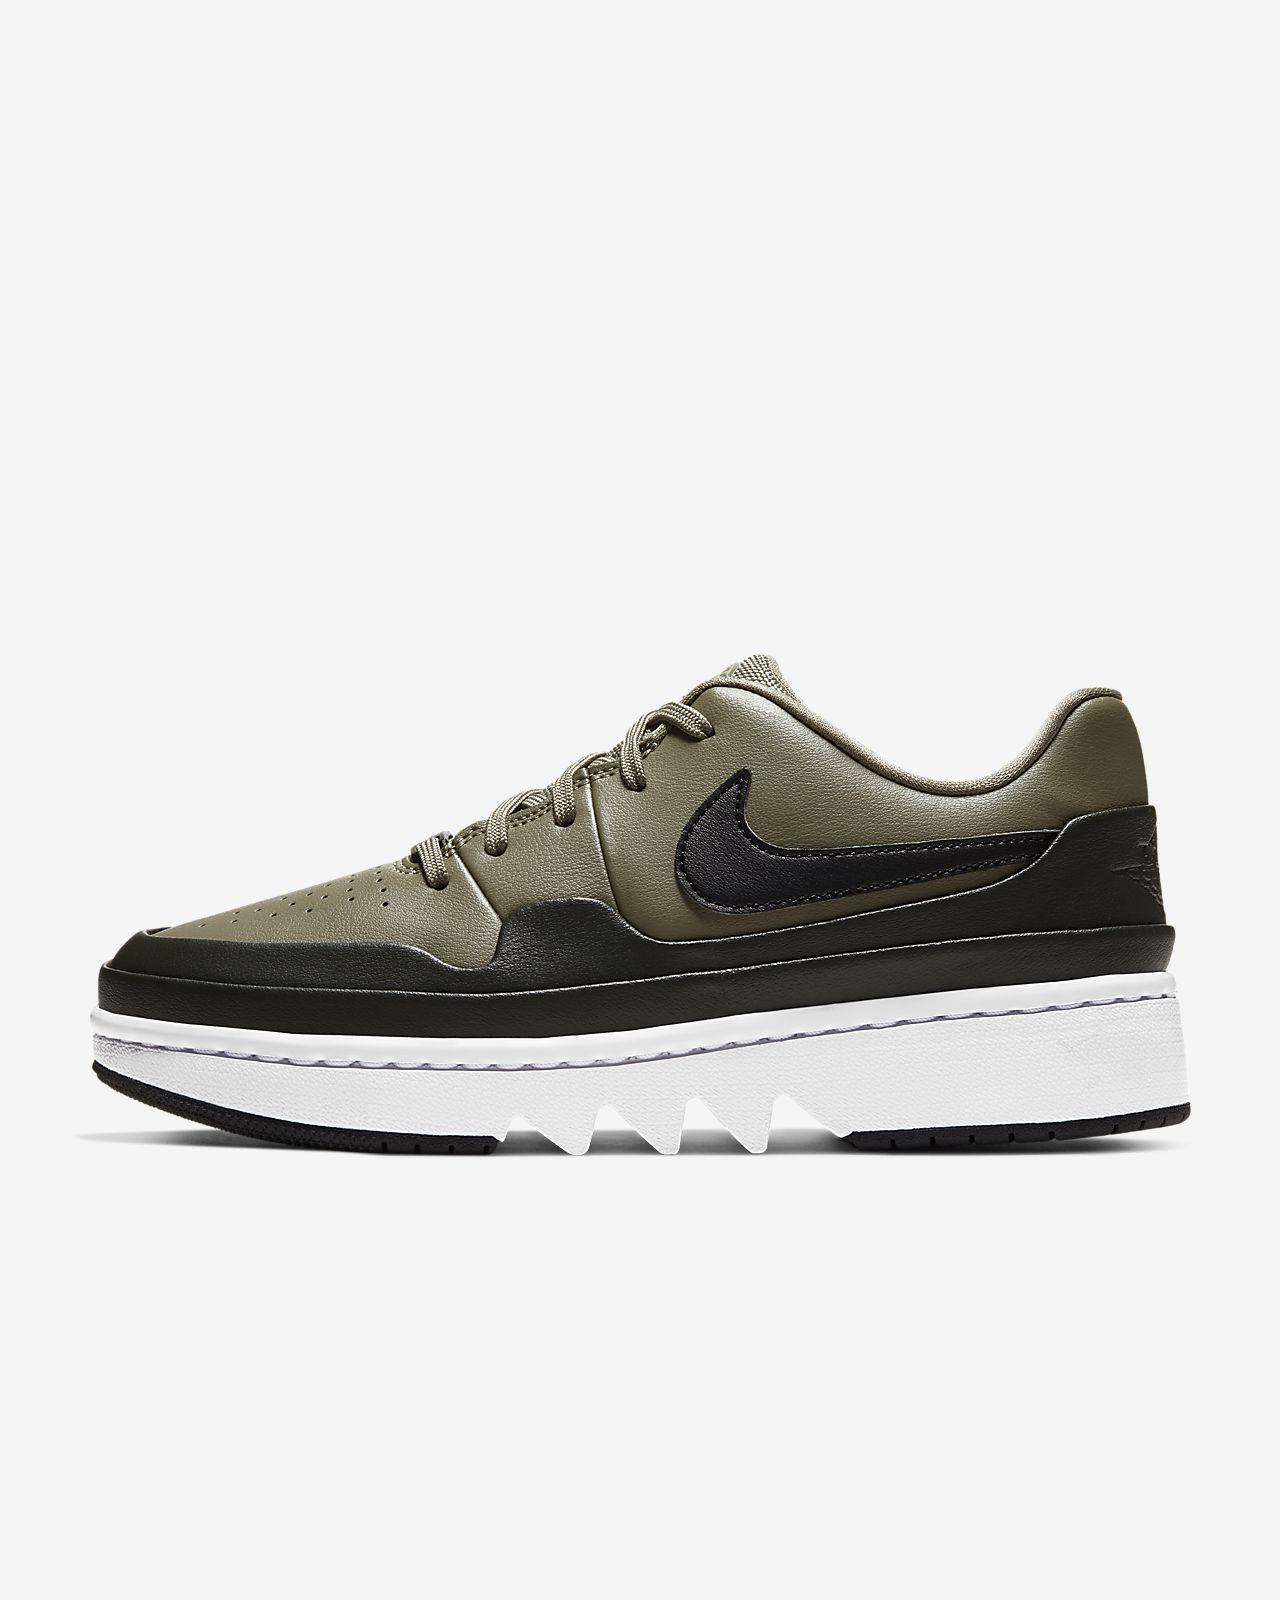 Air Jordan 1 Jester XX Low Laced Women's Shoe